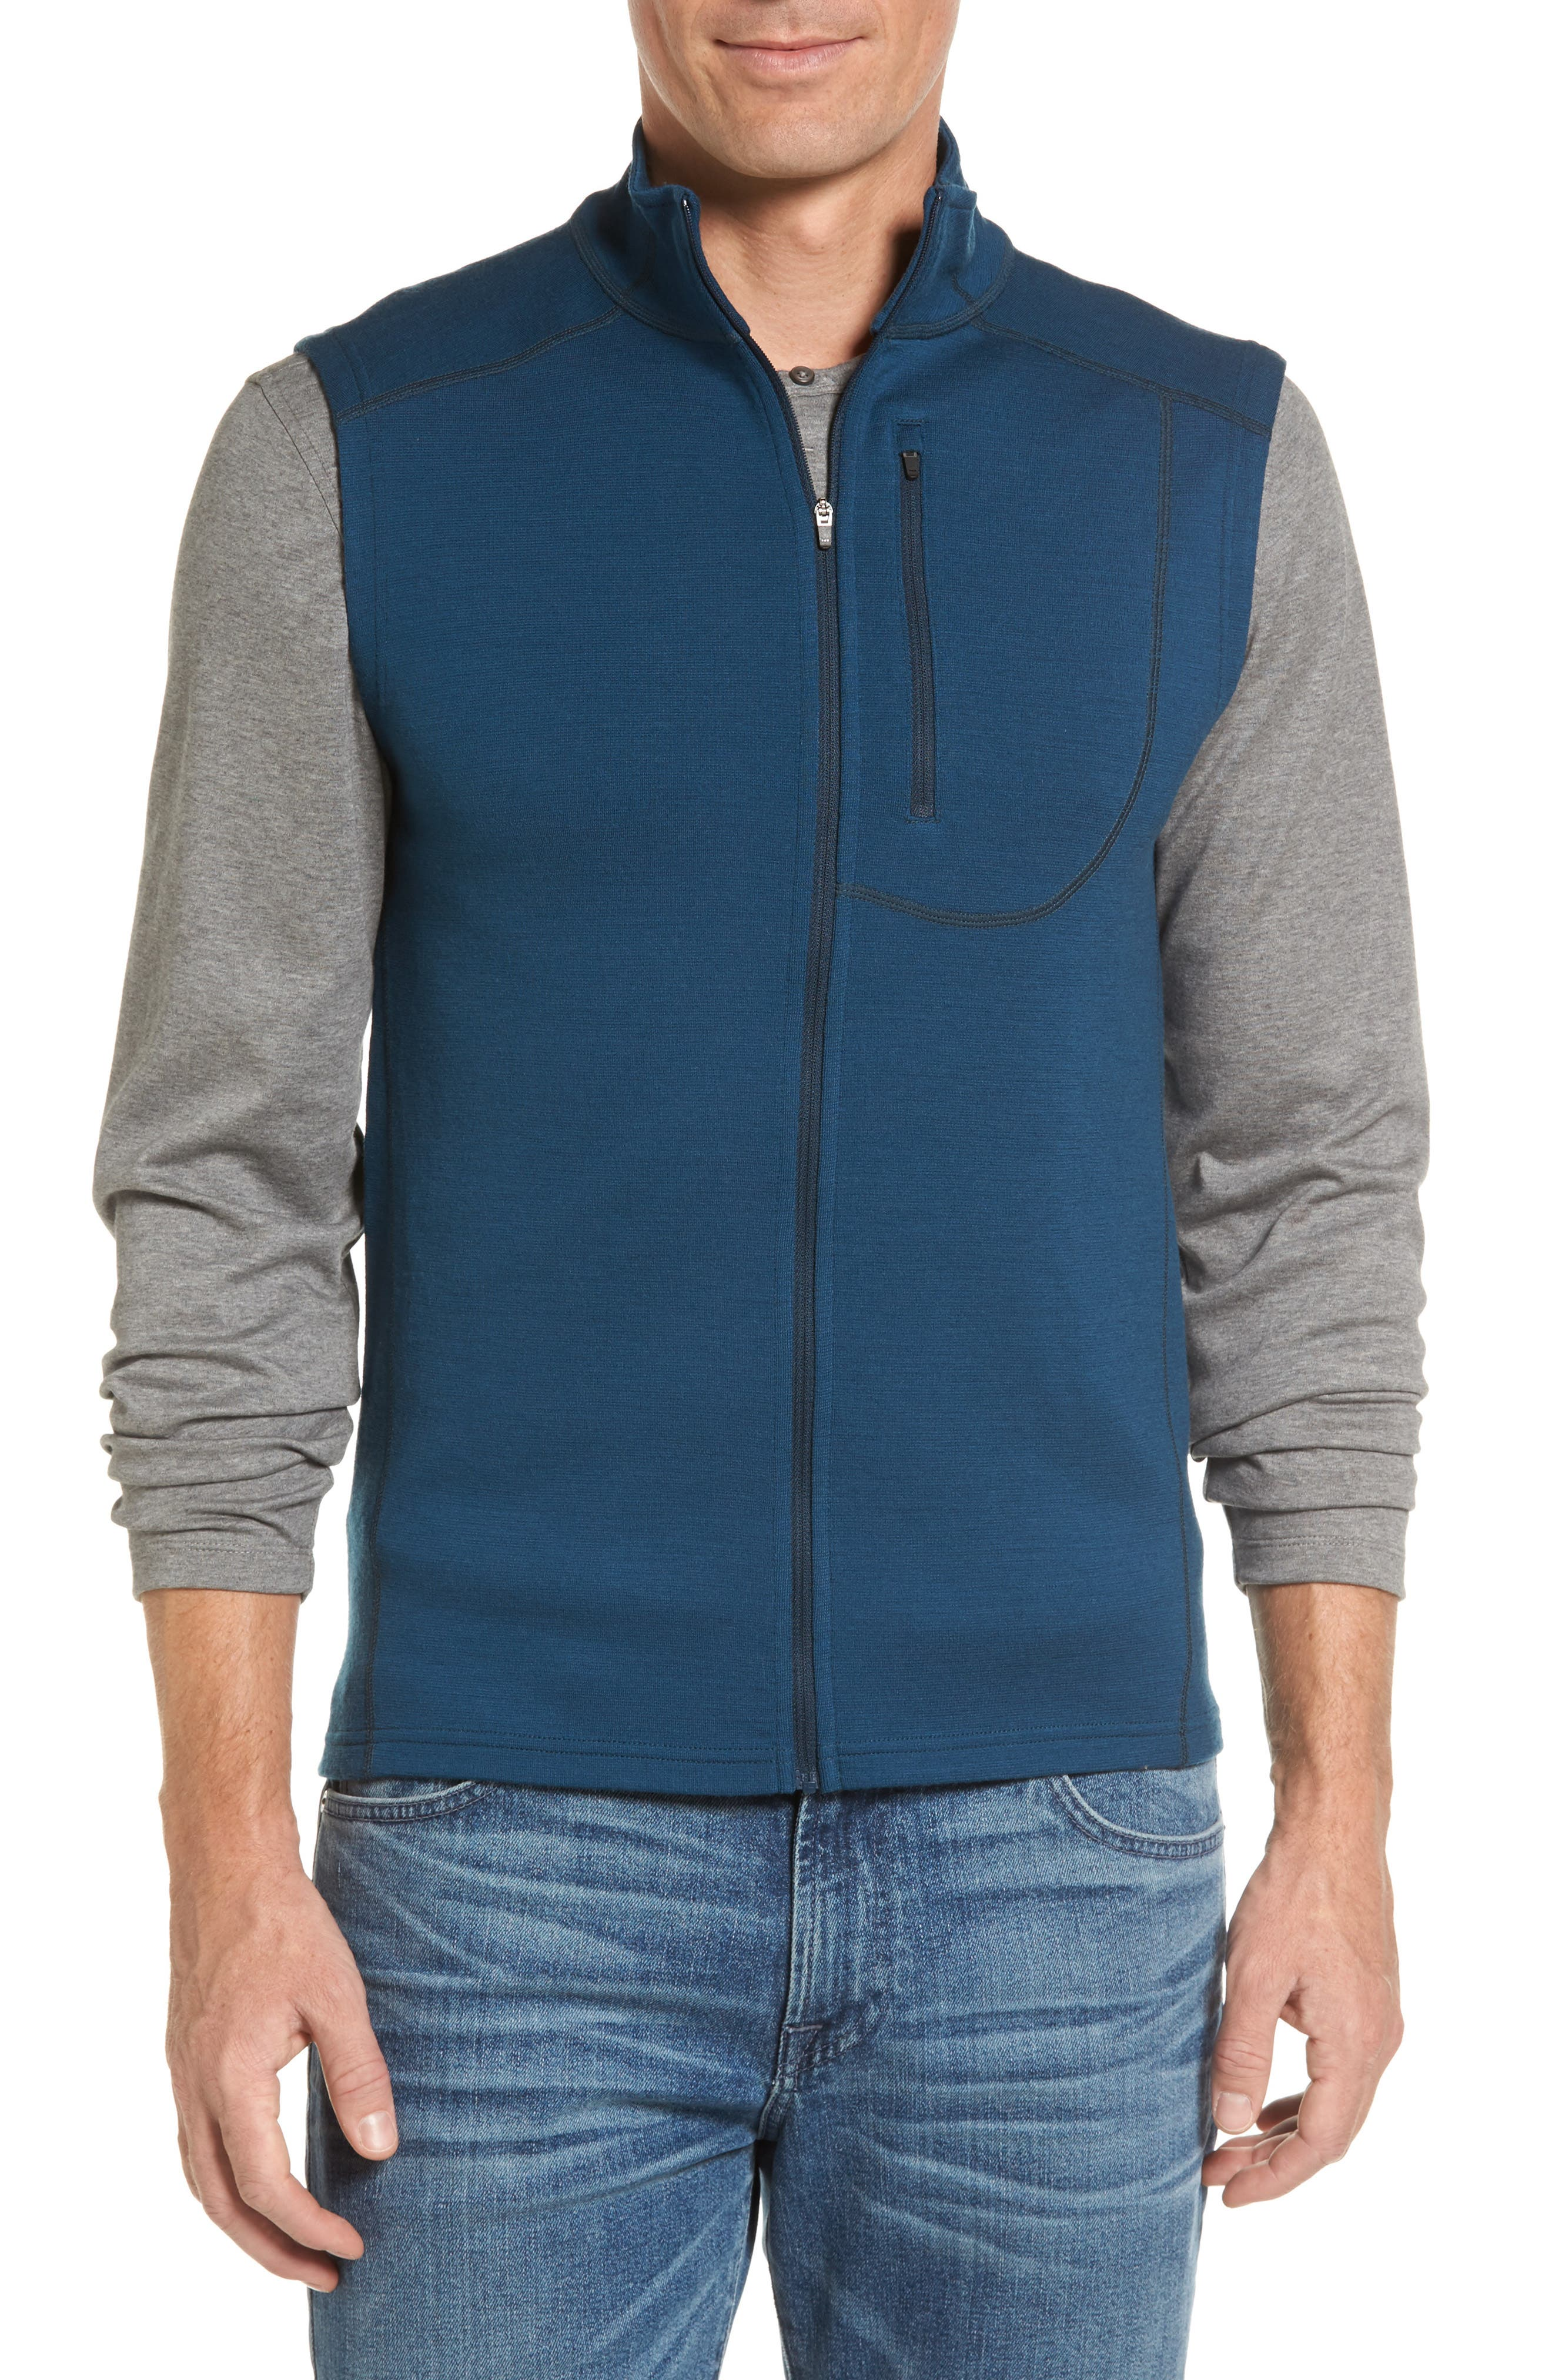 ibex 'Shak' Merino Wool Vest